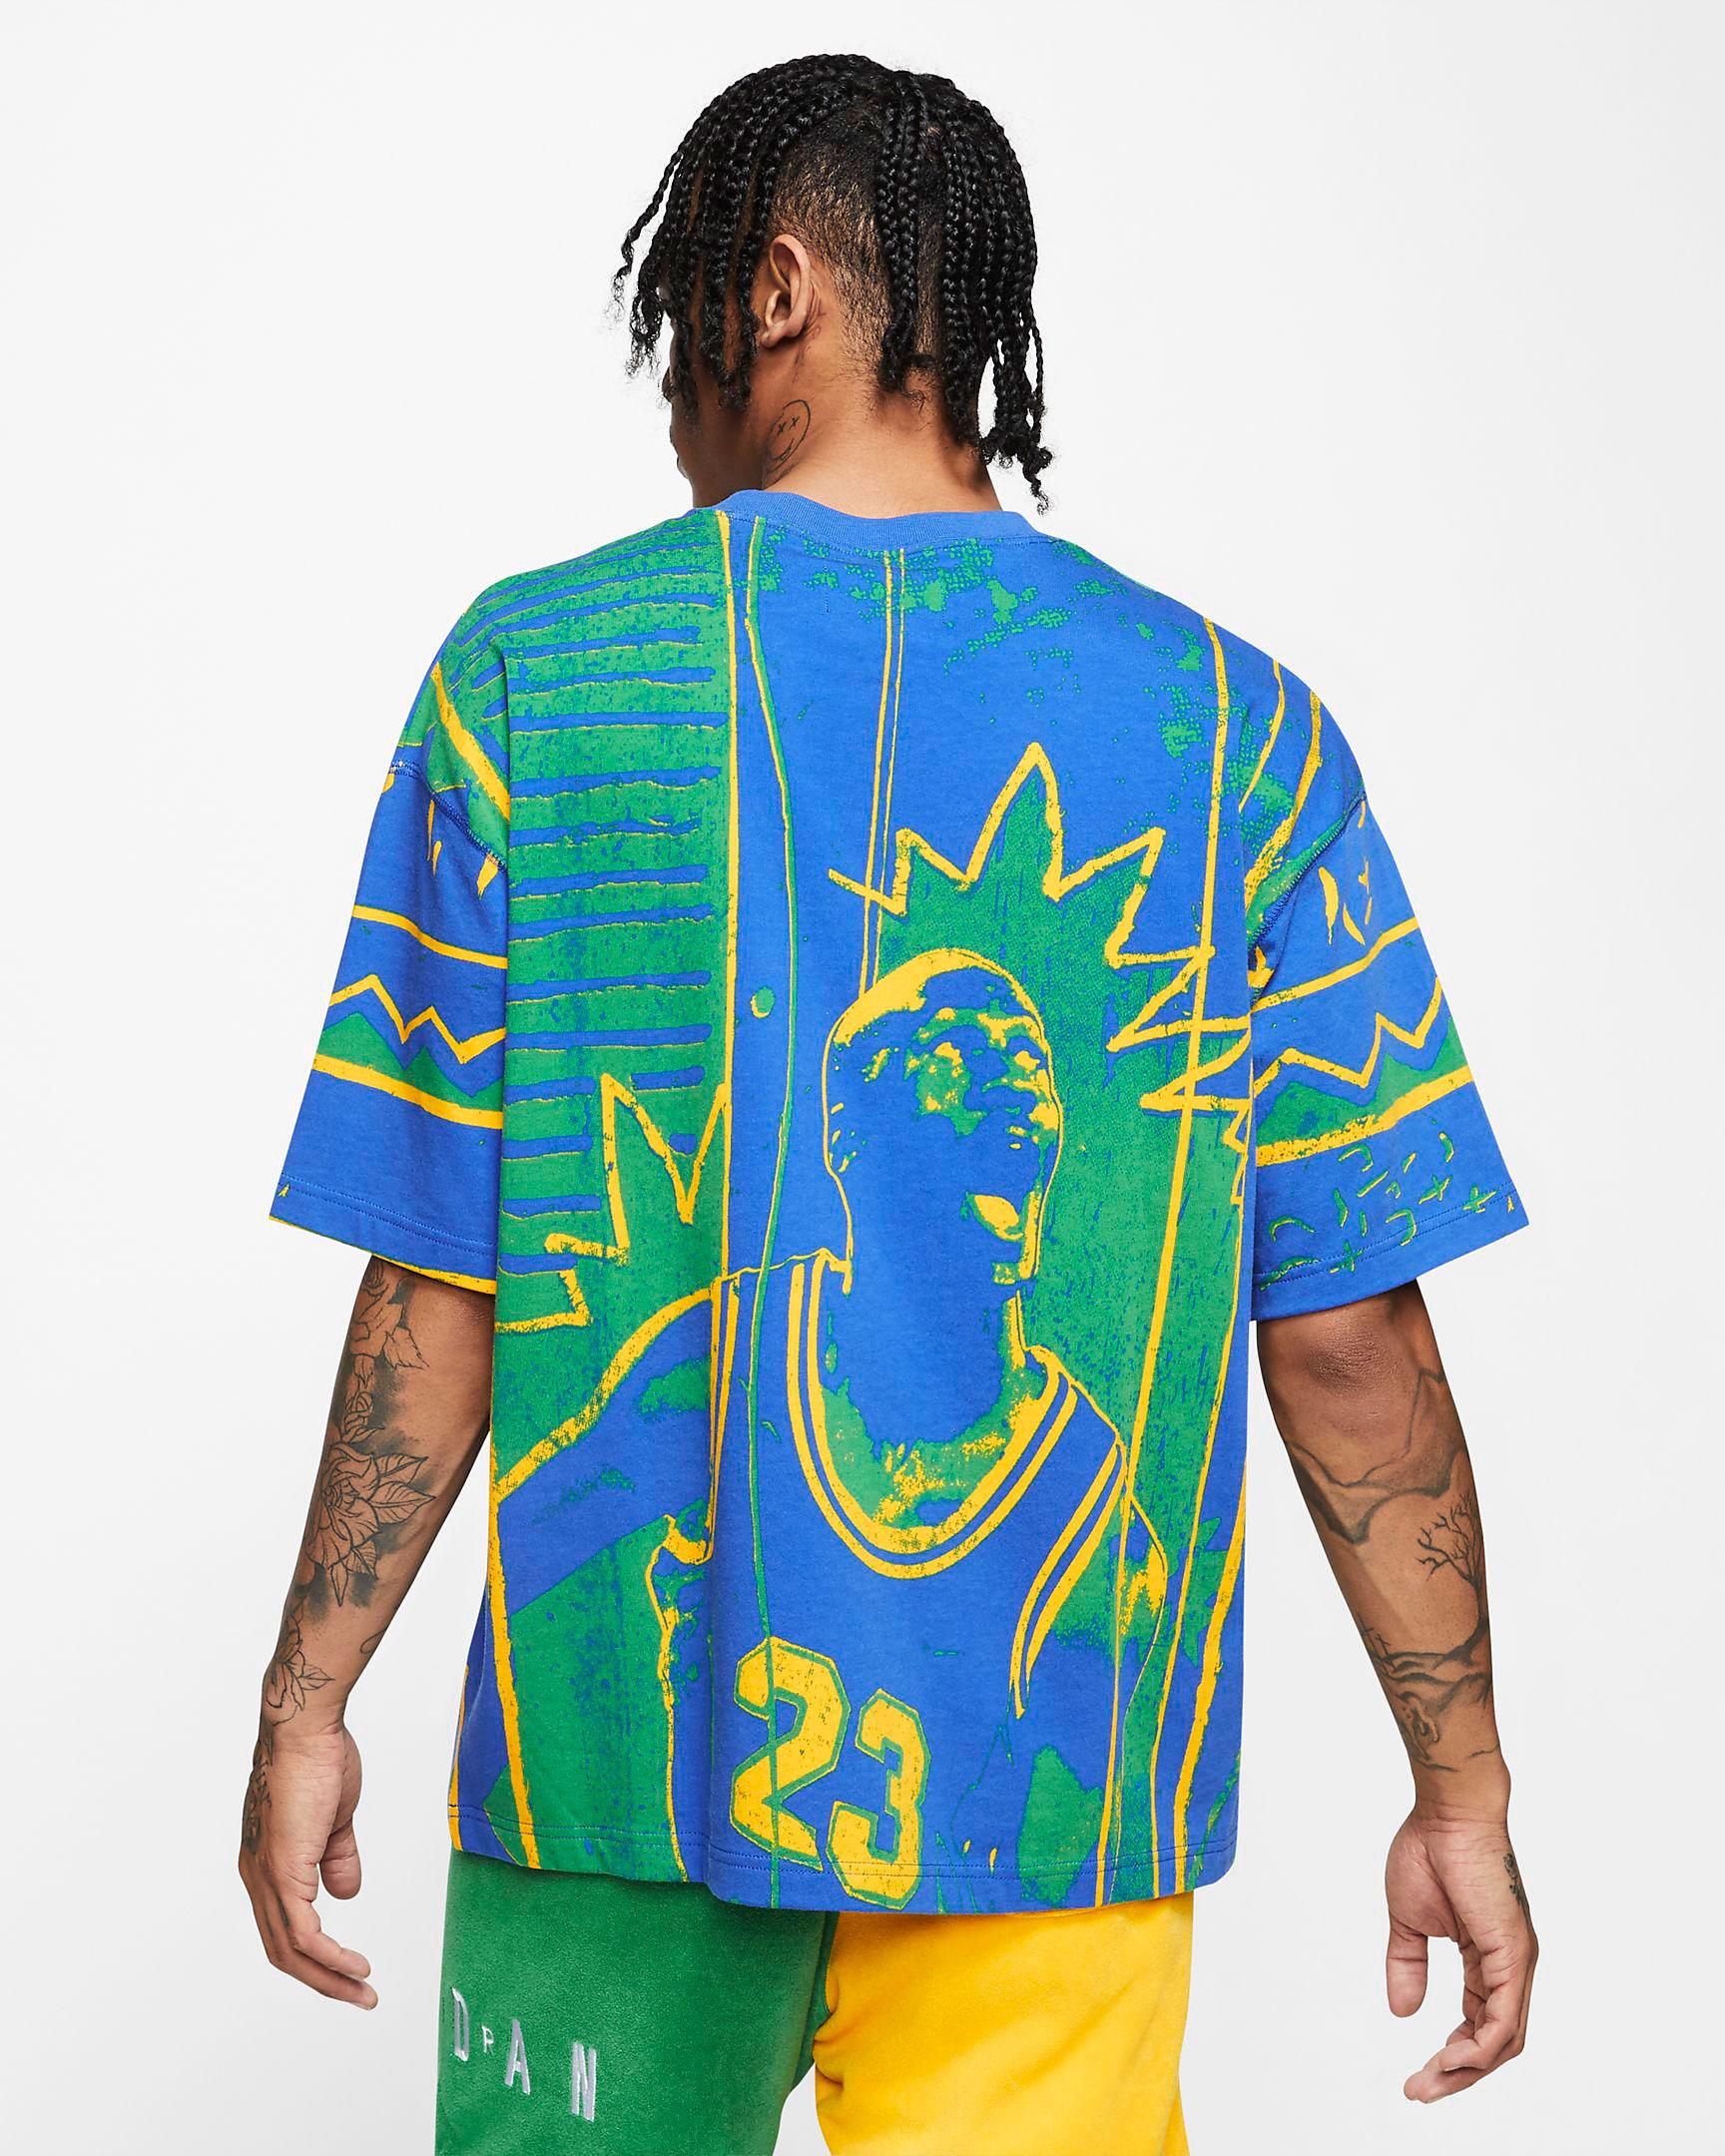 air-jordan-4-green-metallic-t-shirt-match-2